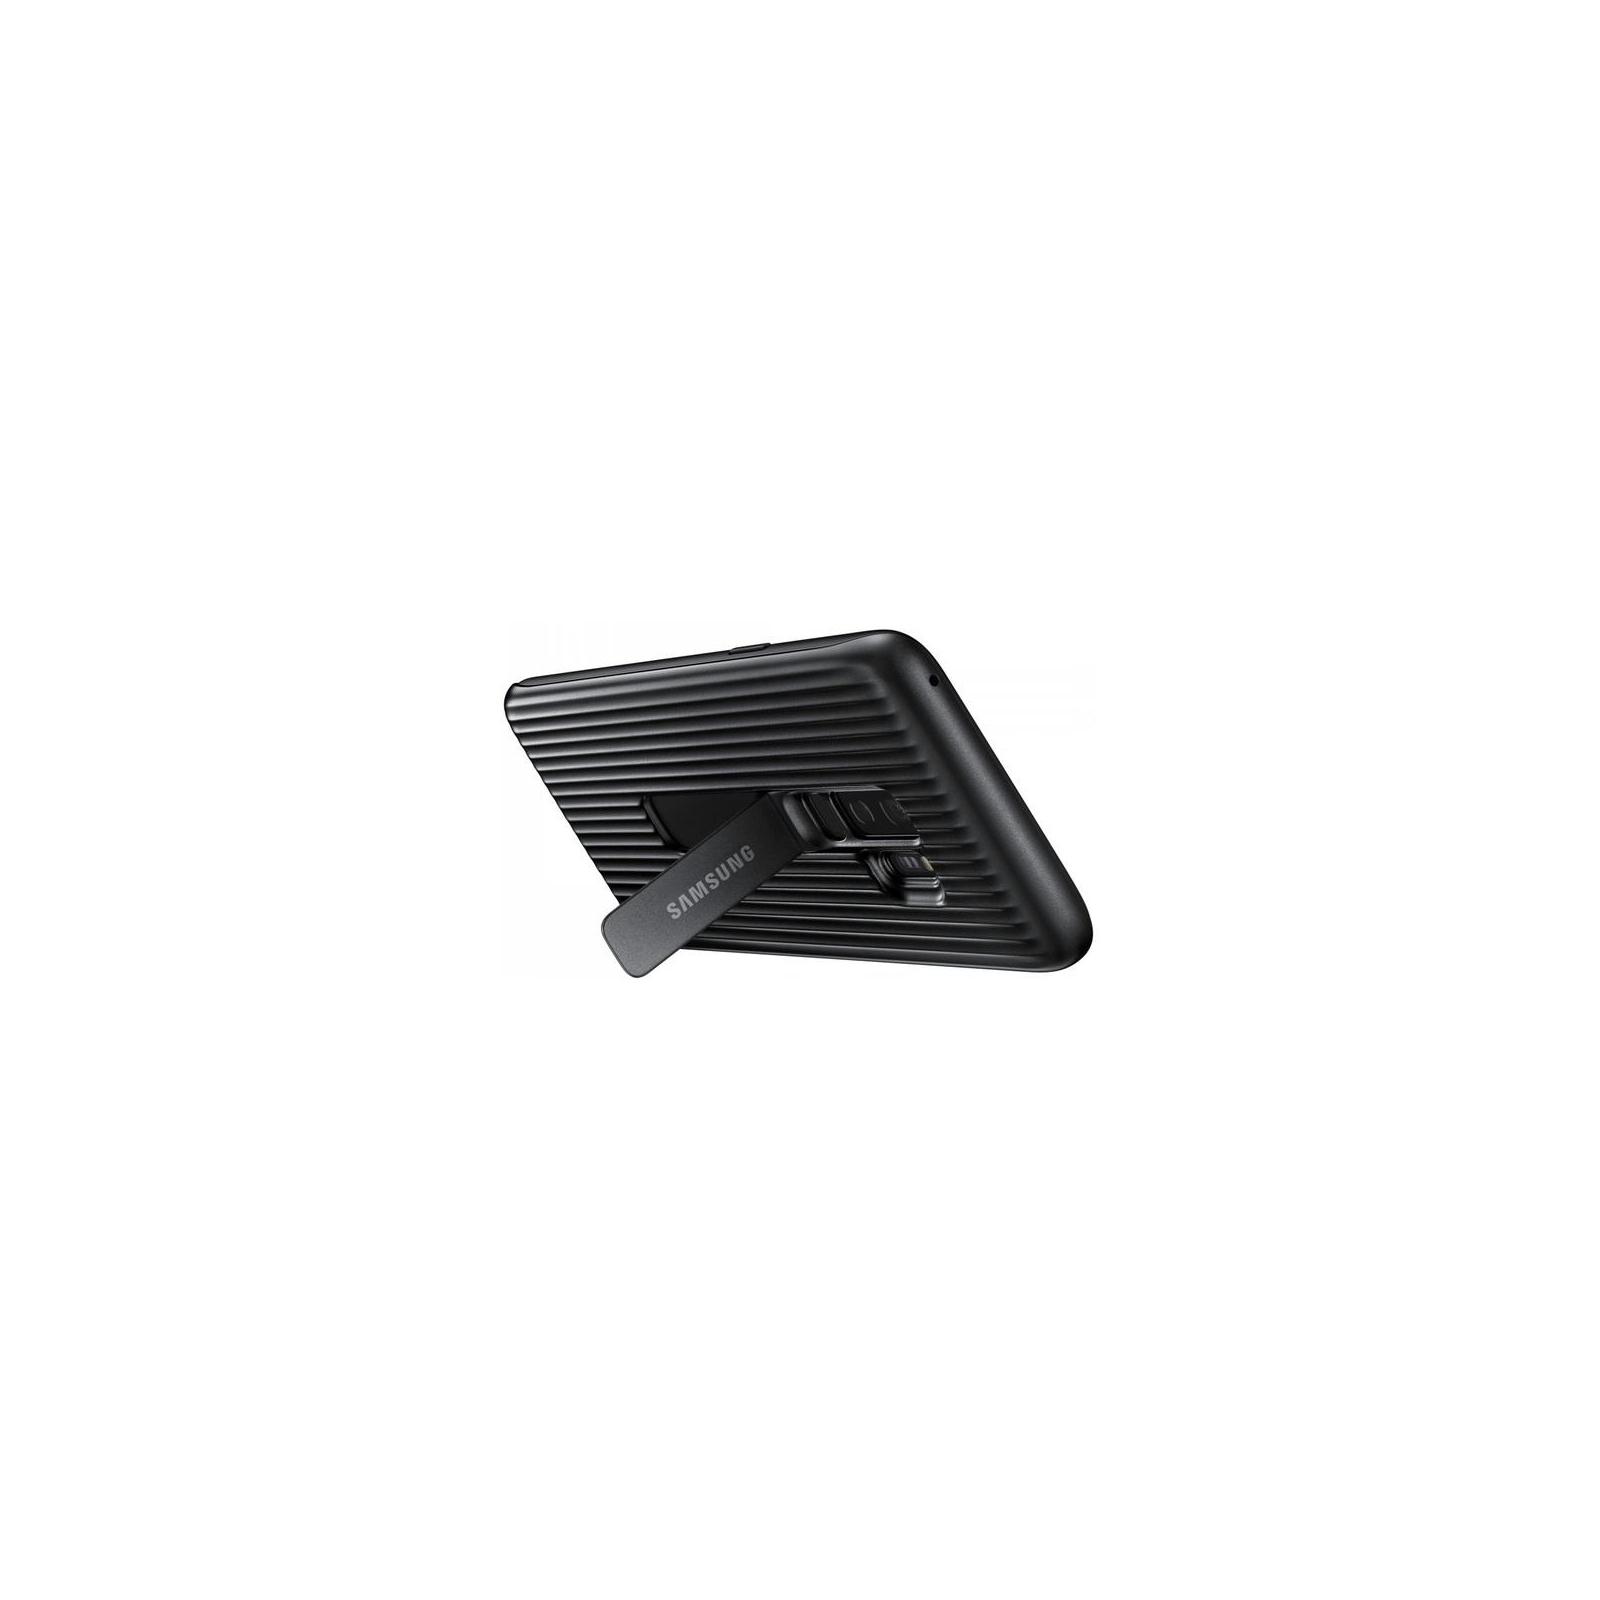 Чехол для моб. телефона Samsung для Galaxy S9+ (G965) Protective Stadning Black (EF-RG965CBEGRU) изображение 5